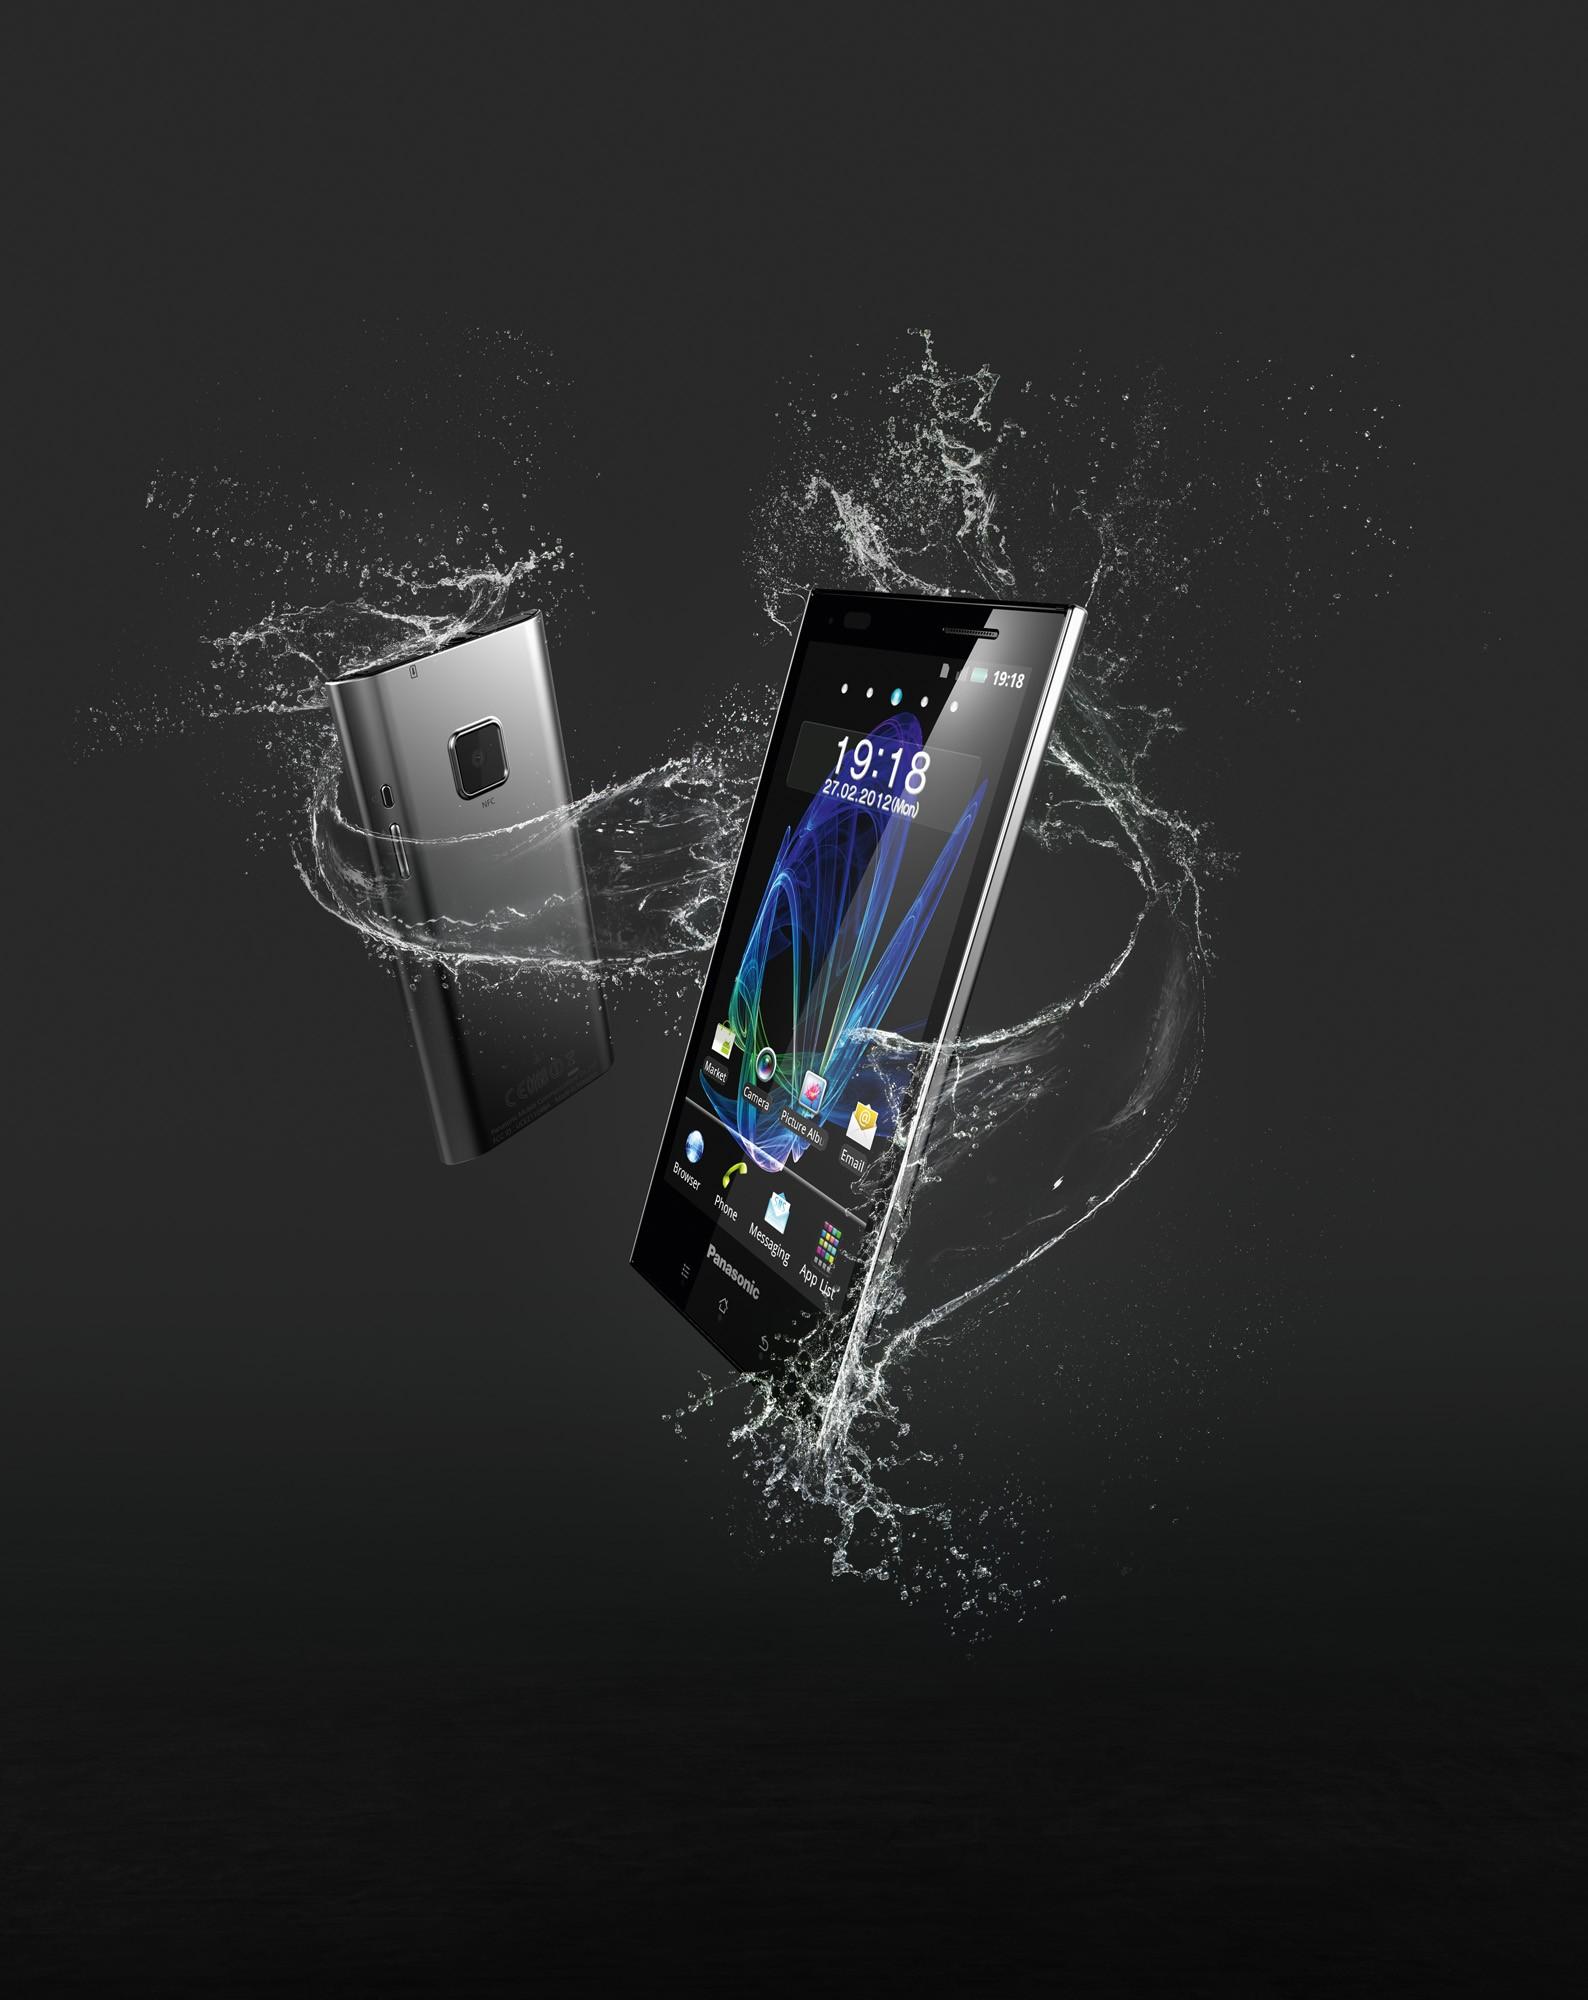 Panasonic rientra nell'ambito della telefonia mobile con uno smartphone Android